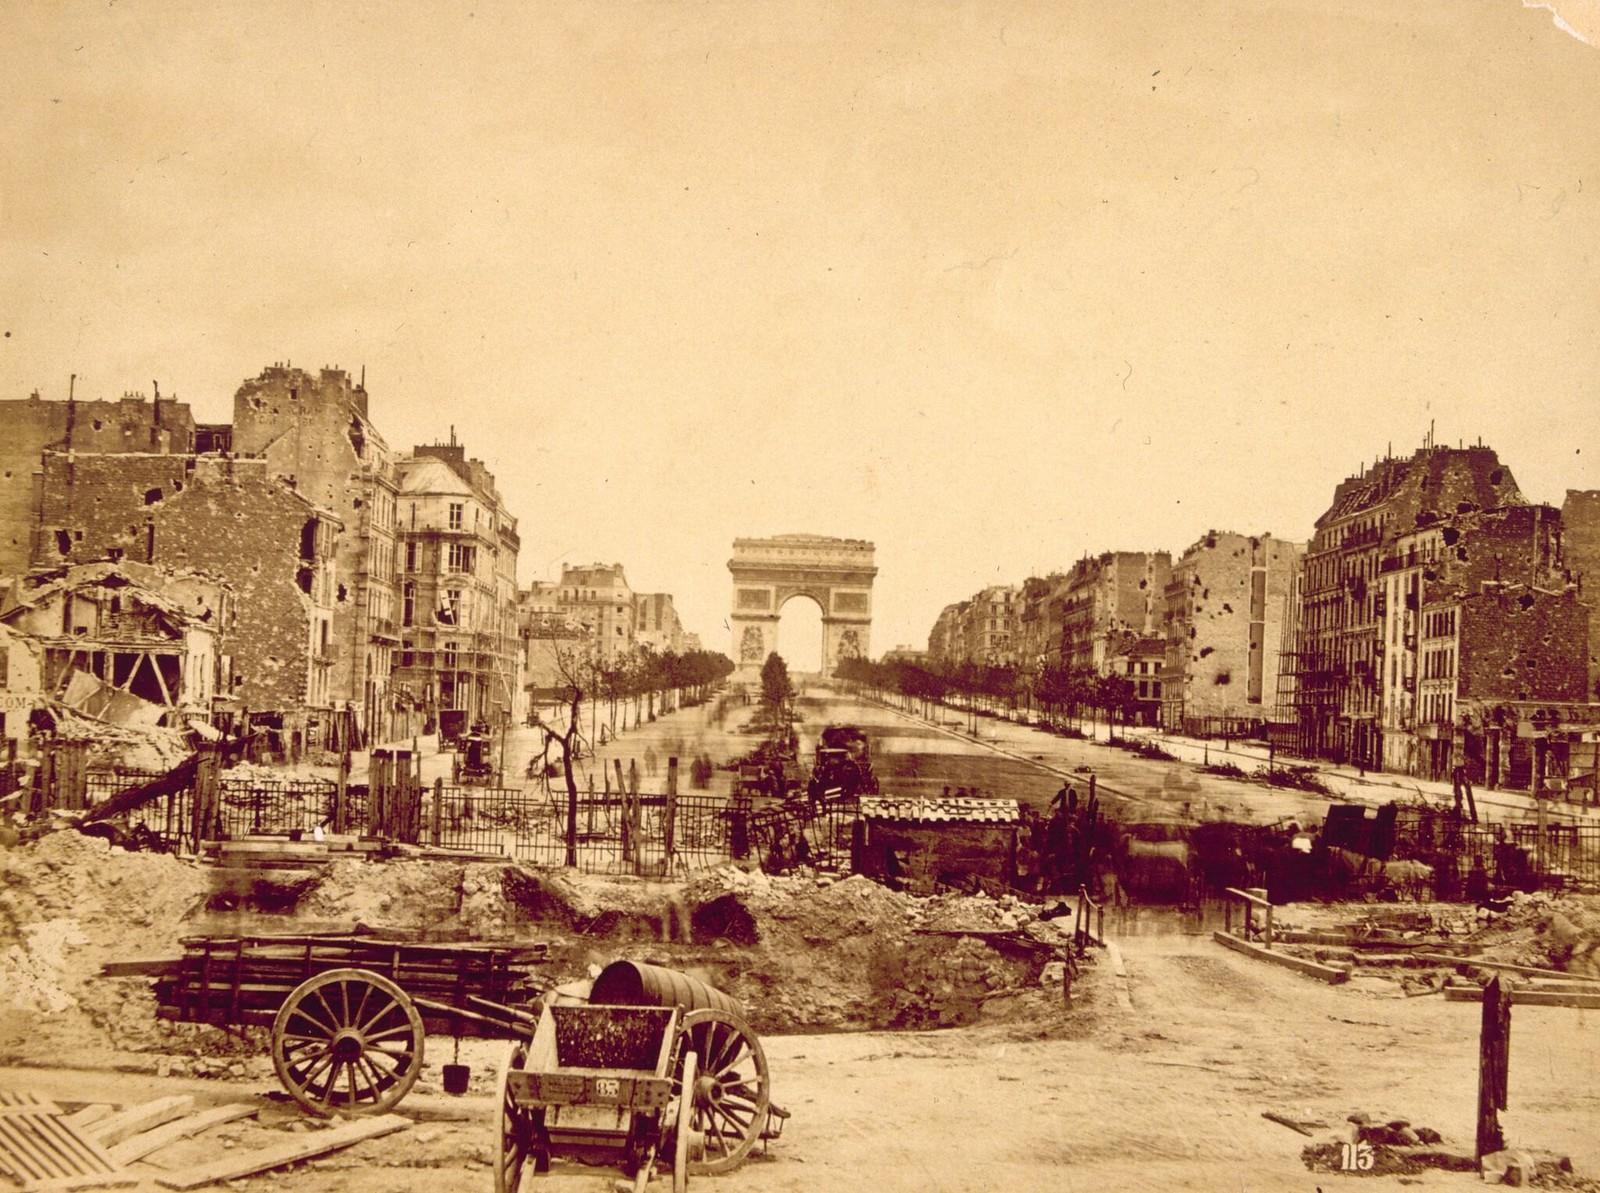 1871. Баррикада в Порт-Майо во время восстания сторонников Парижской Коммуны